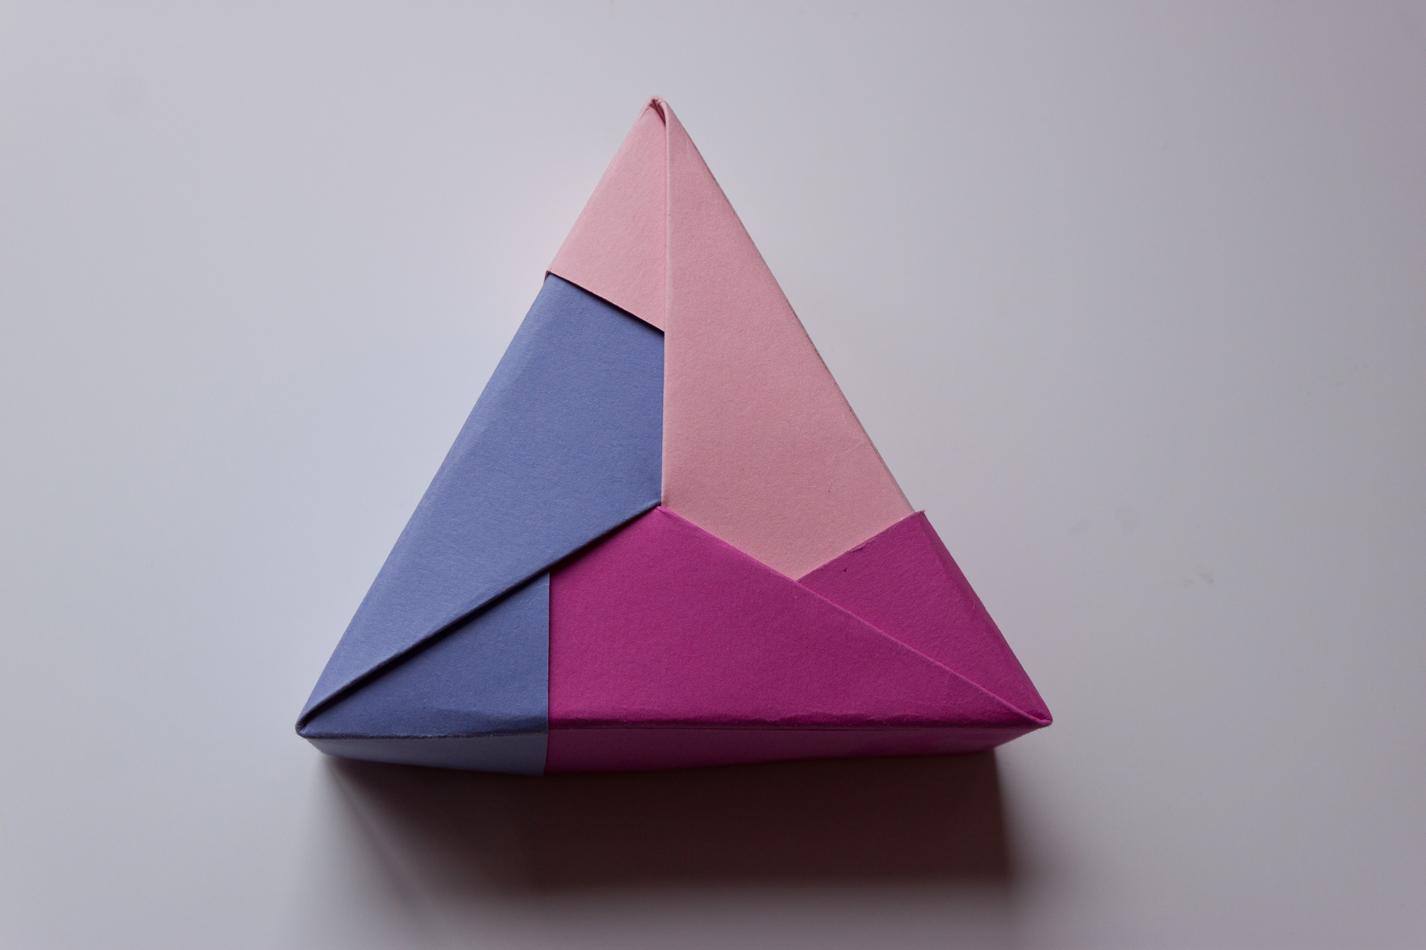 origami schachtel anleitung einfach finden sie ebooks h rb cher pdfs und vieles mehr auf. Black Bedroom Furniture Sets. Home Design Ideas